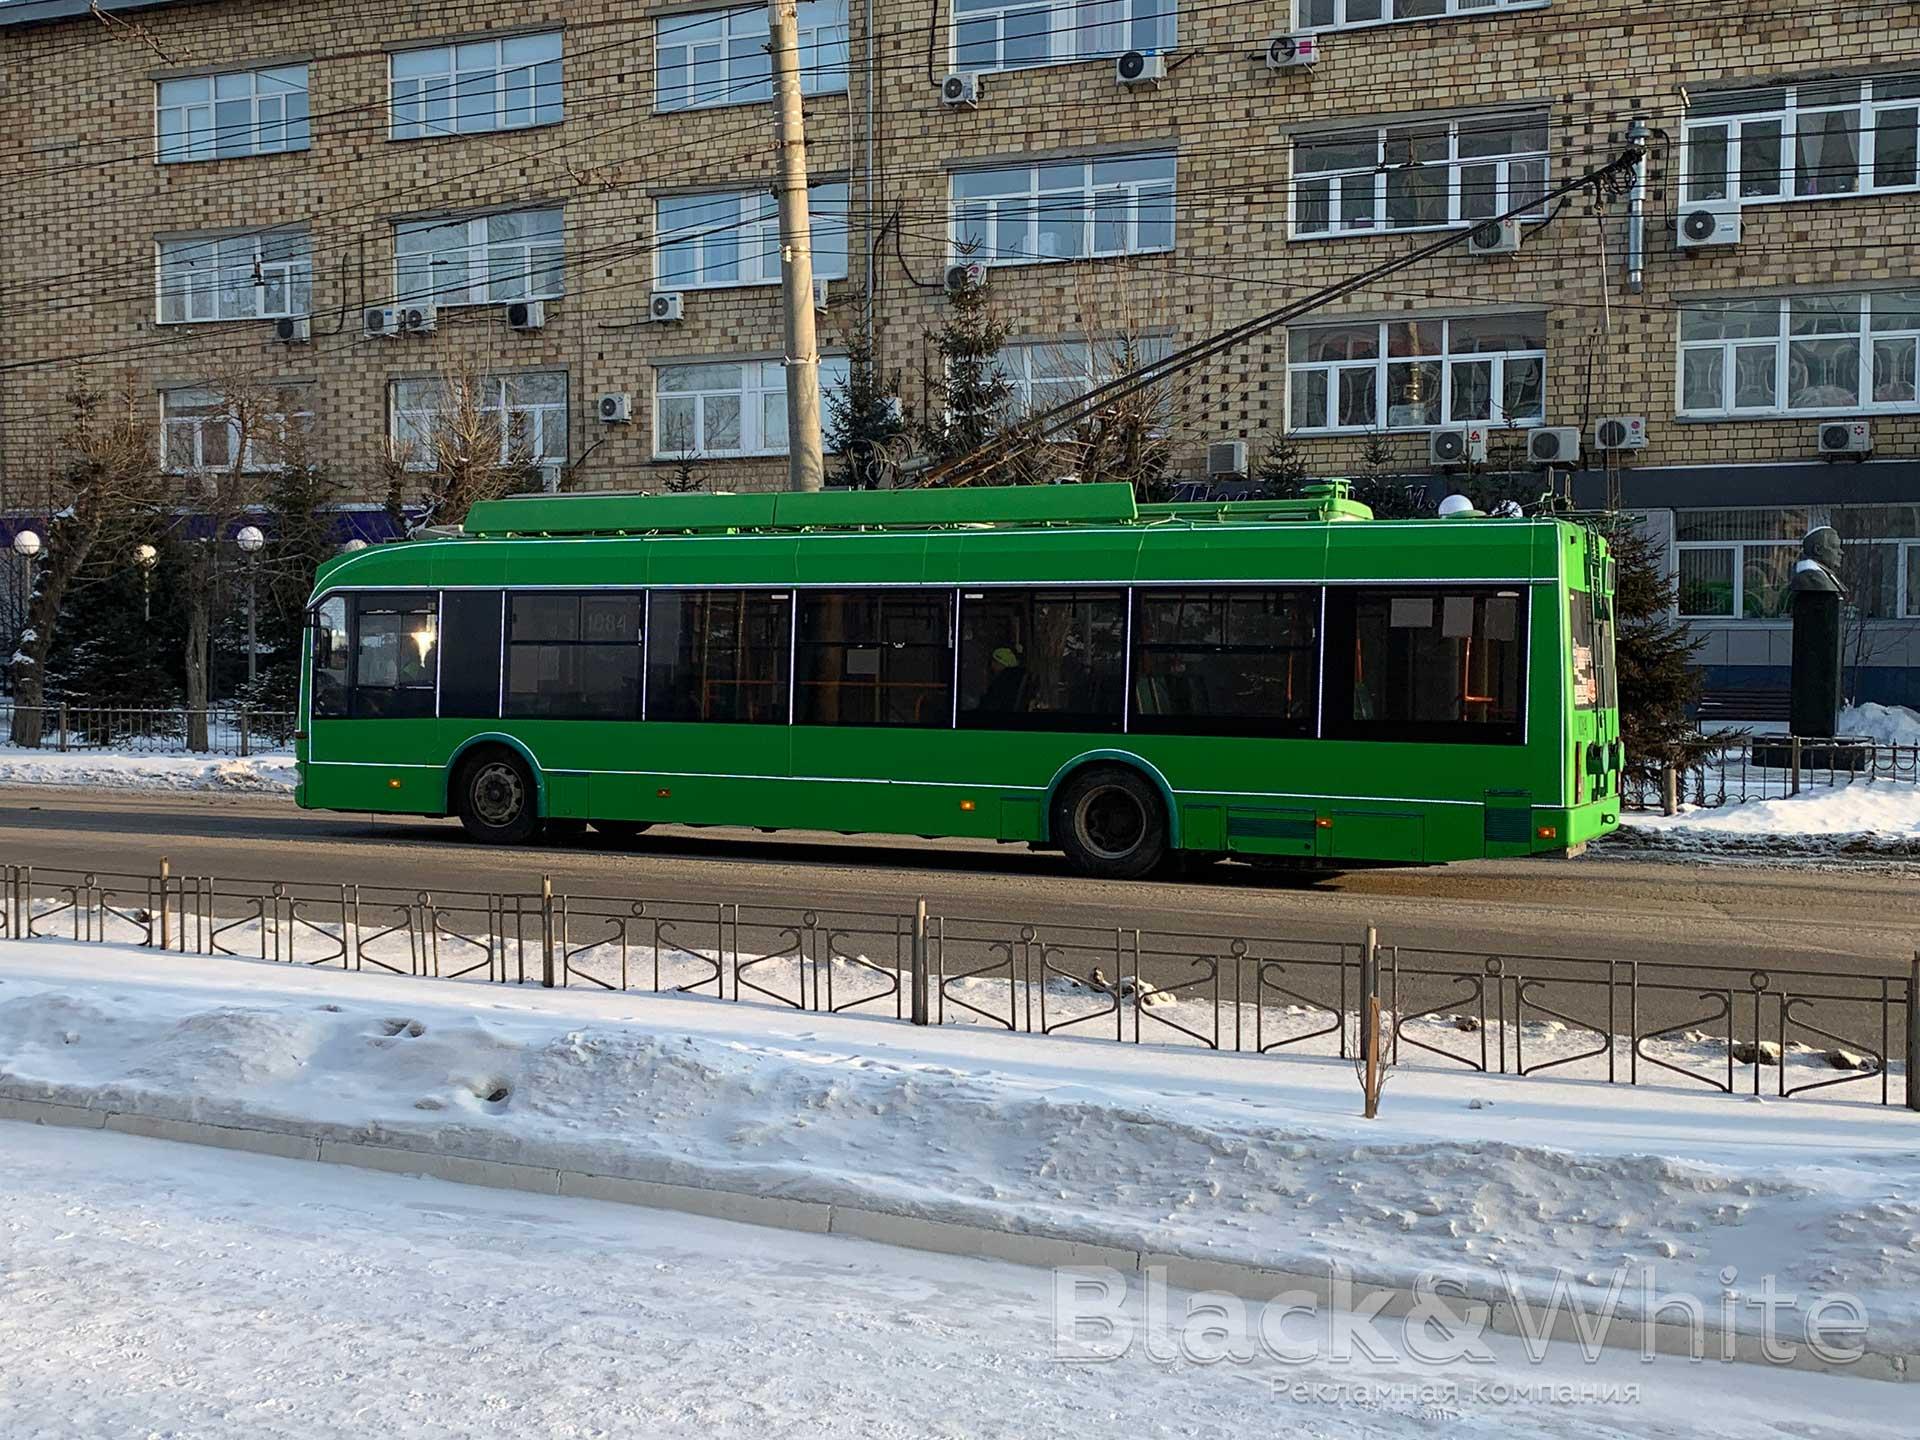 праздничная-подсветка-автобуса-транспорта-в-Красноярске.jpg